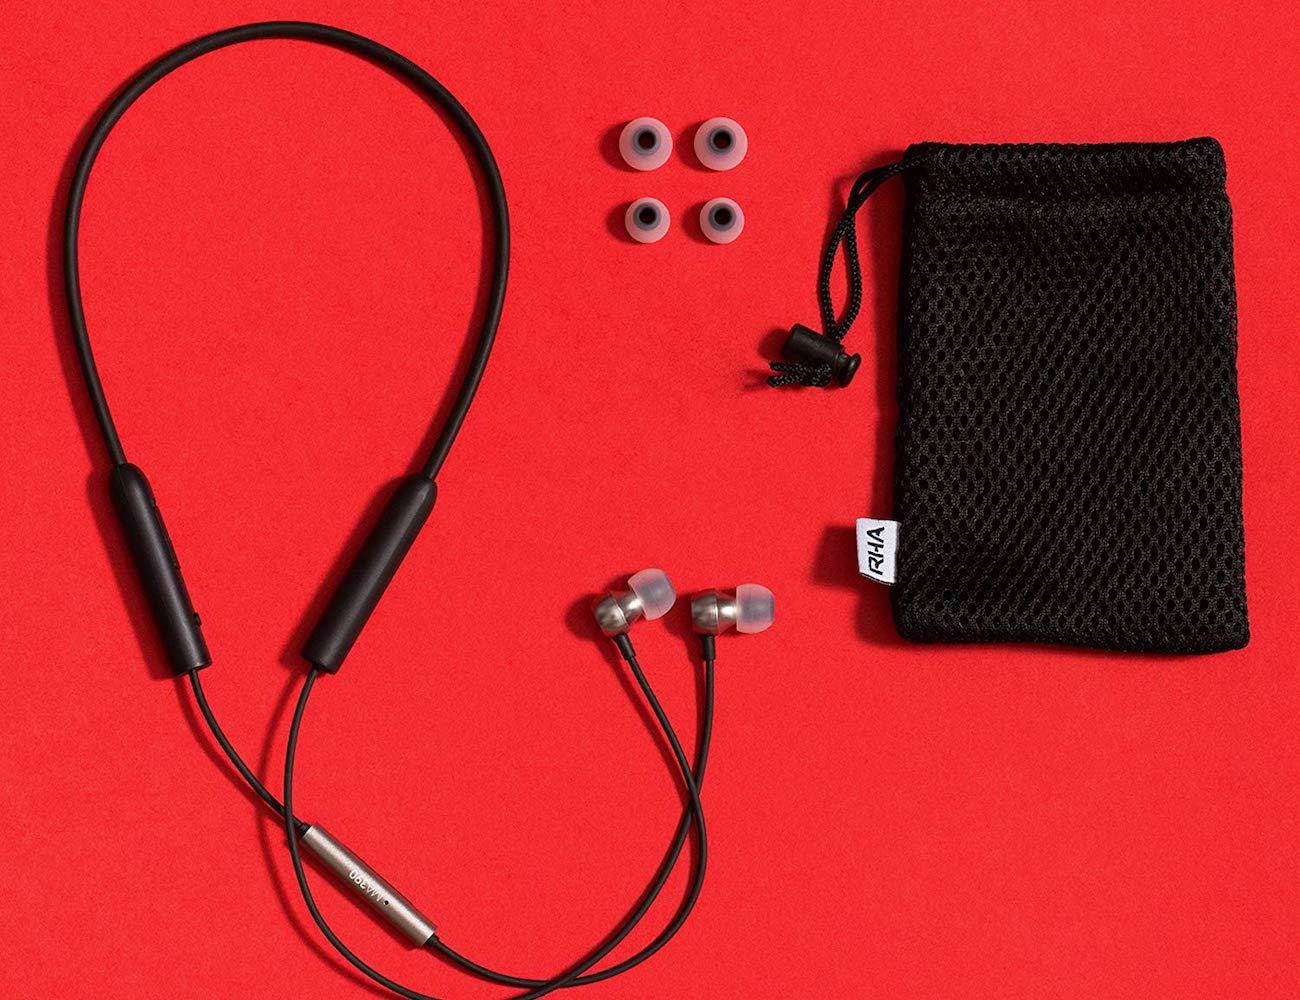 RHA MA390 Sweatproof Wireless In-Ear Headphones